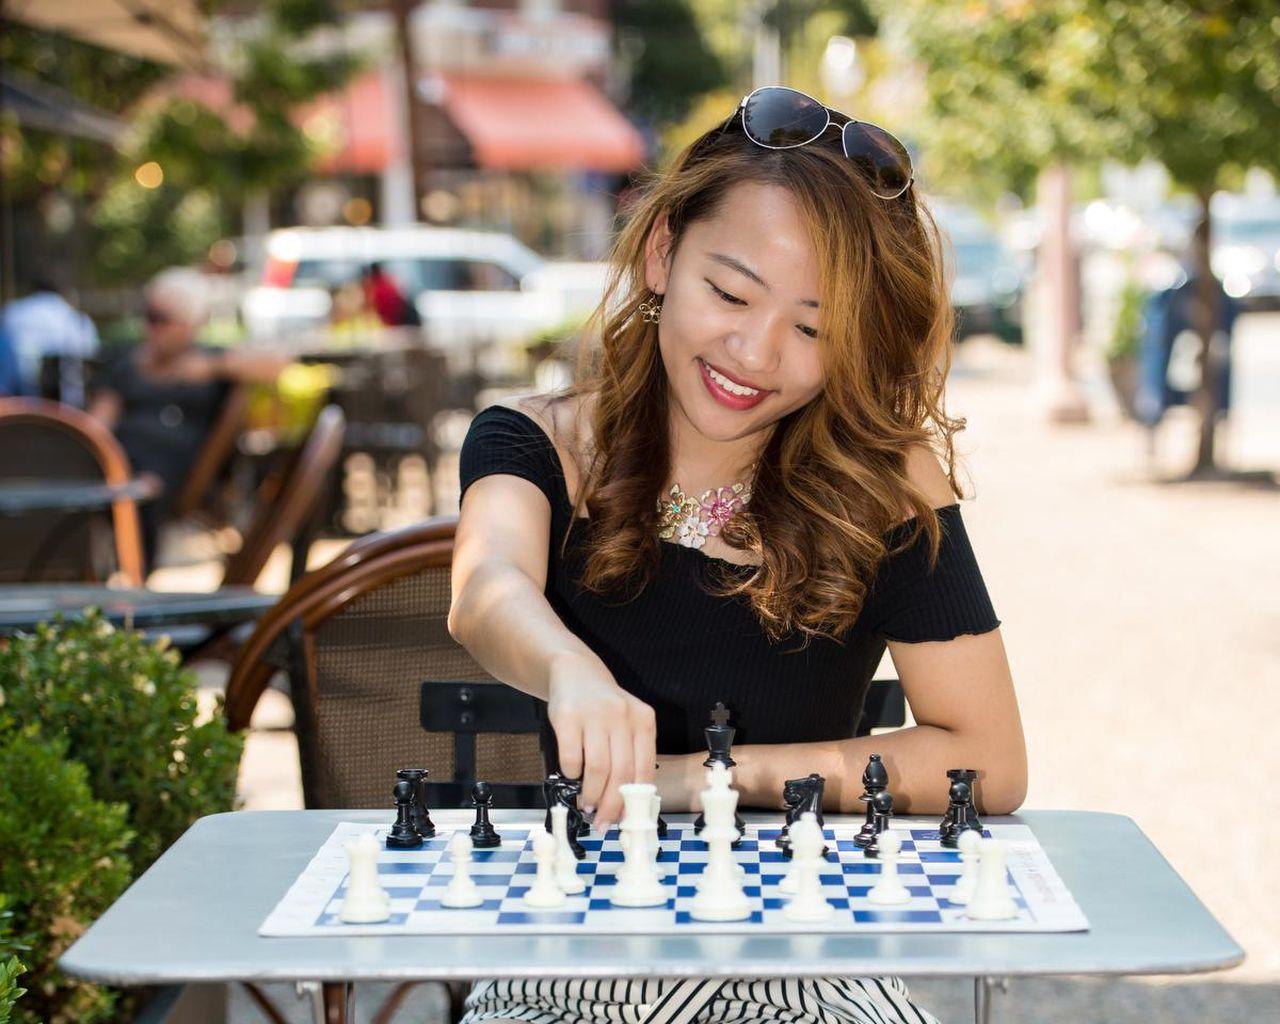 yuanling_yuan_chess_2.jpg